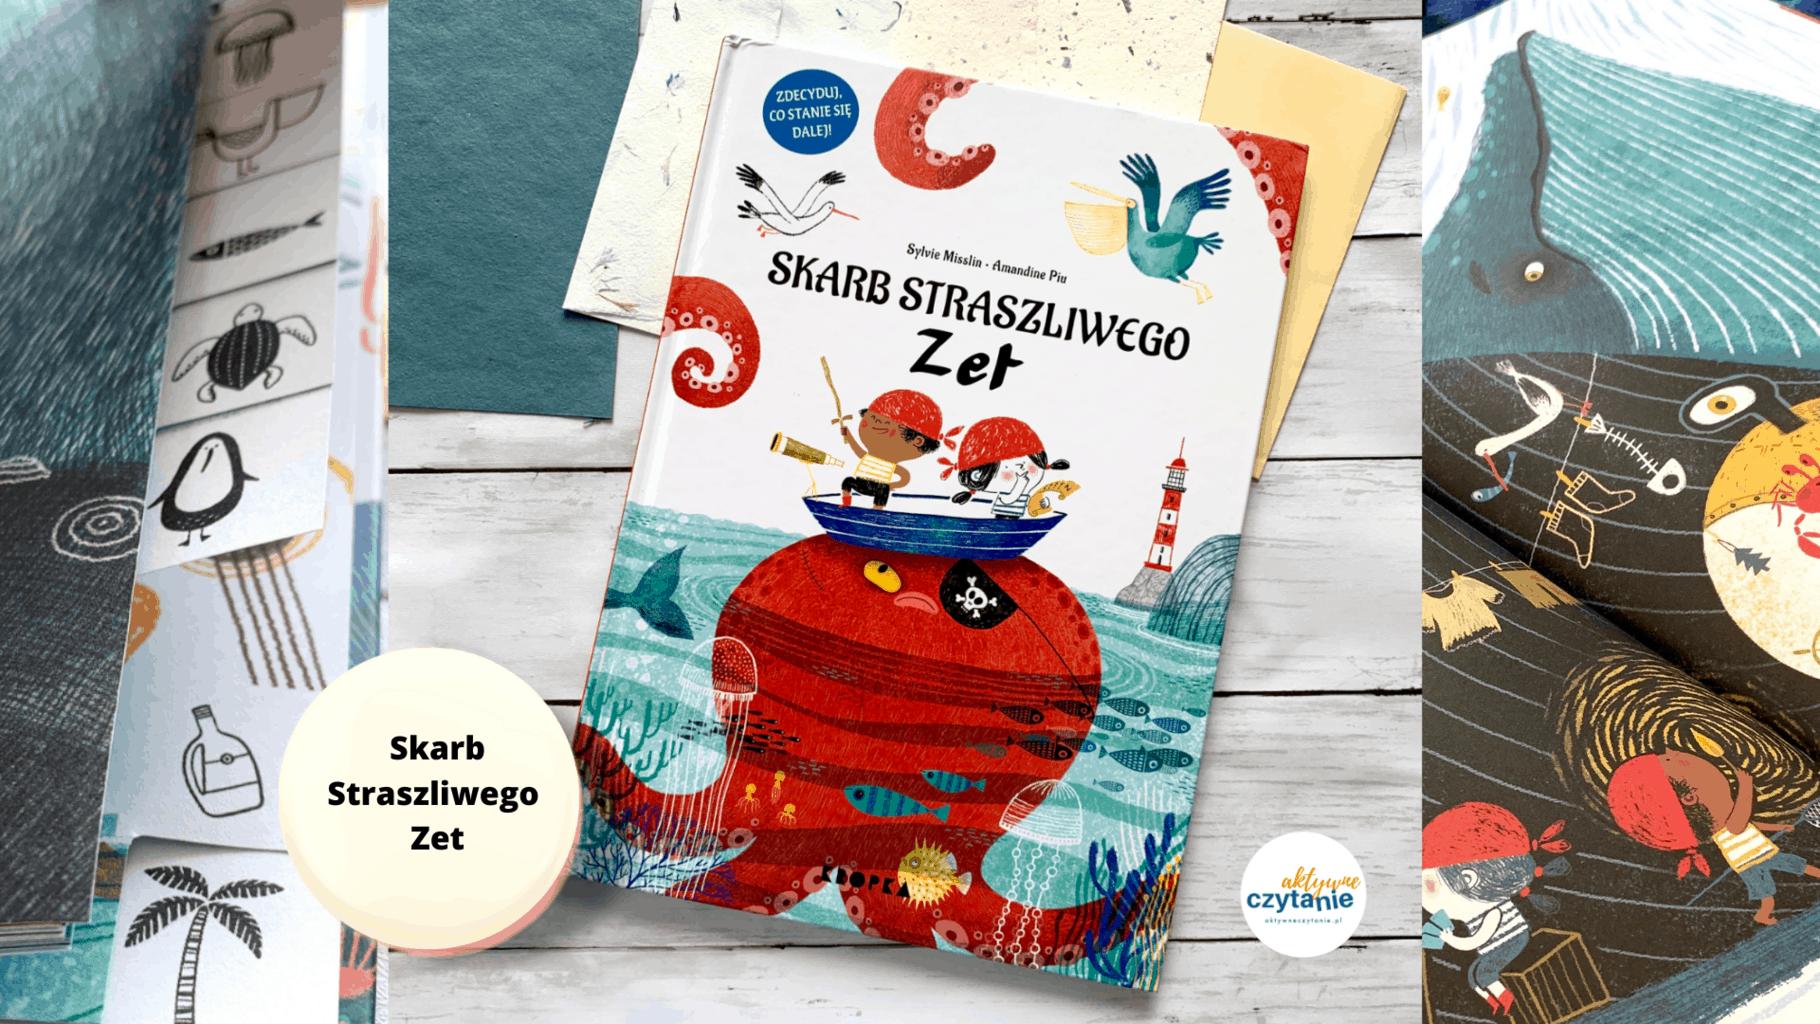 skarb straszliwego zet recenzja ksiazki dla dzieci 3-4-5-6 lat aktywne czytanie